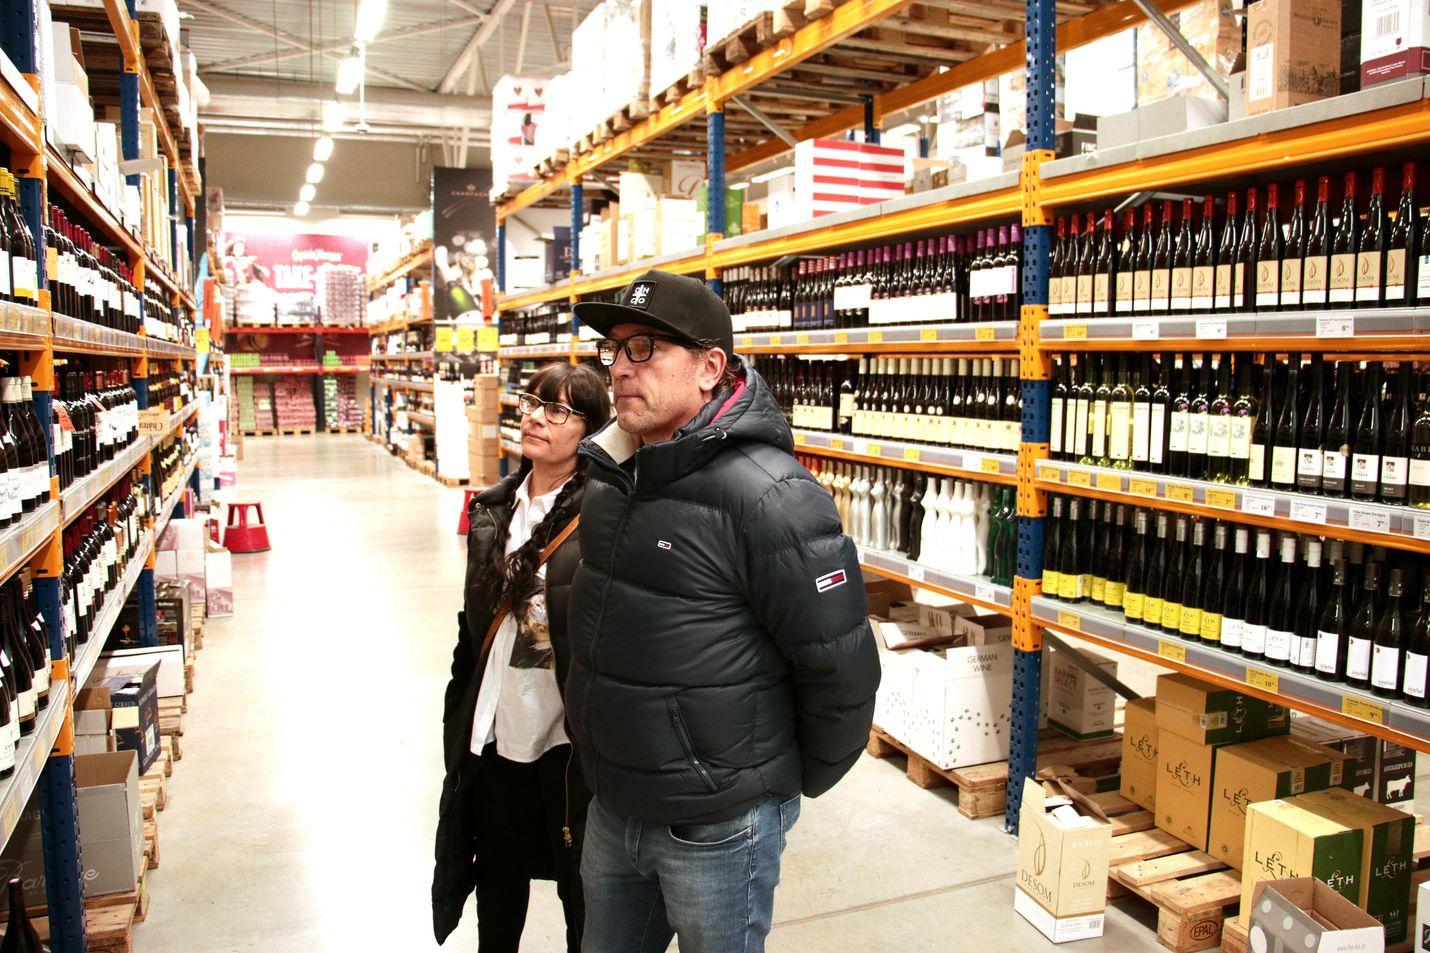 Hämeenlinnalaiset Kirsi Virta ja Ari Nurminen käyvät usein matkailemassa Virossa. Nurminen ostaa joka reissulla muutaman laatikon olutta, Virta taas ei juuri käytä alkoholia.